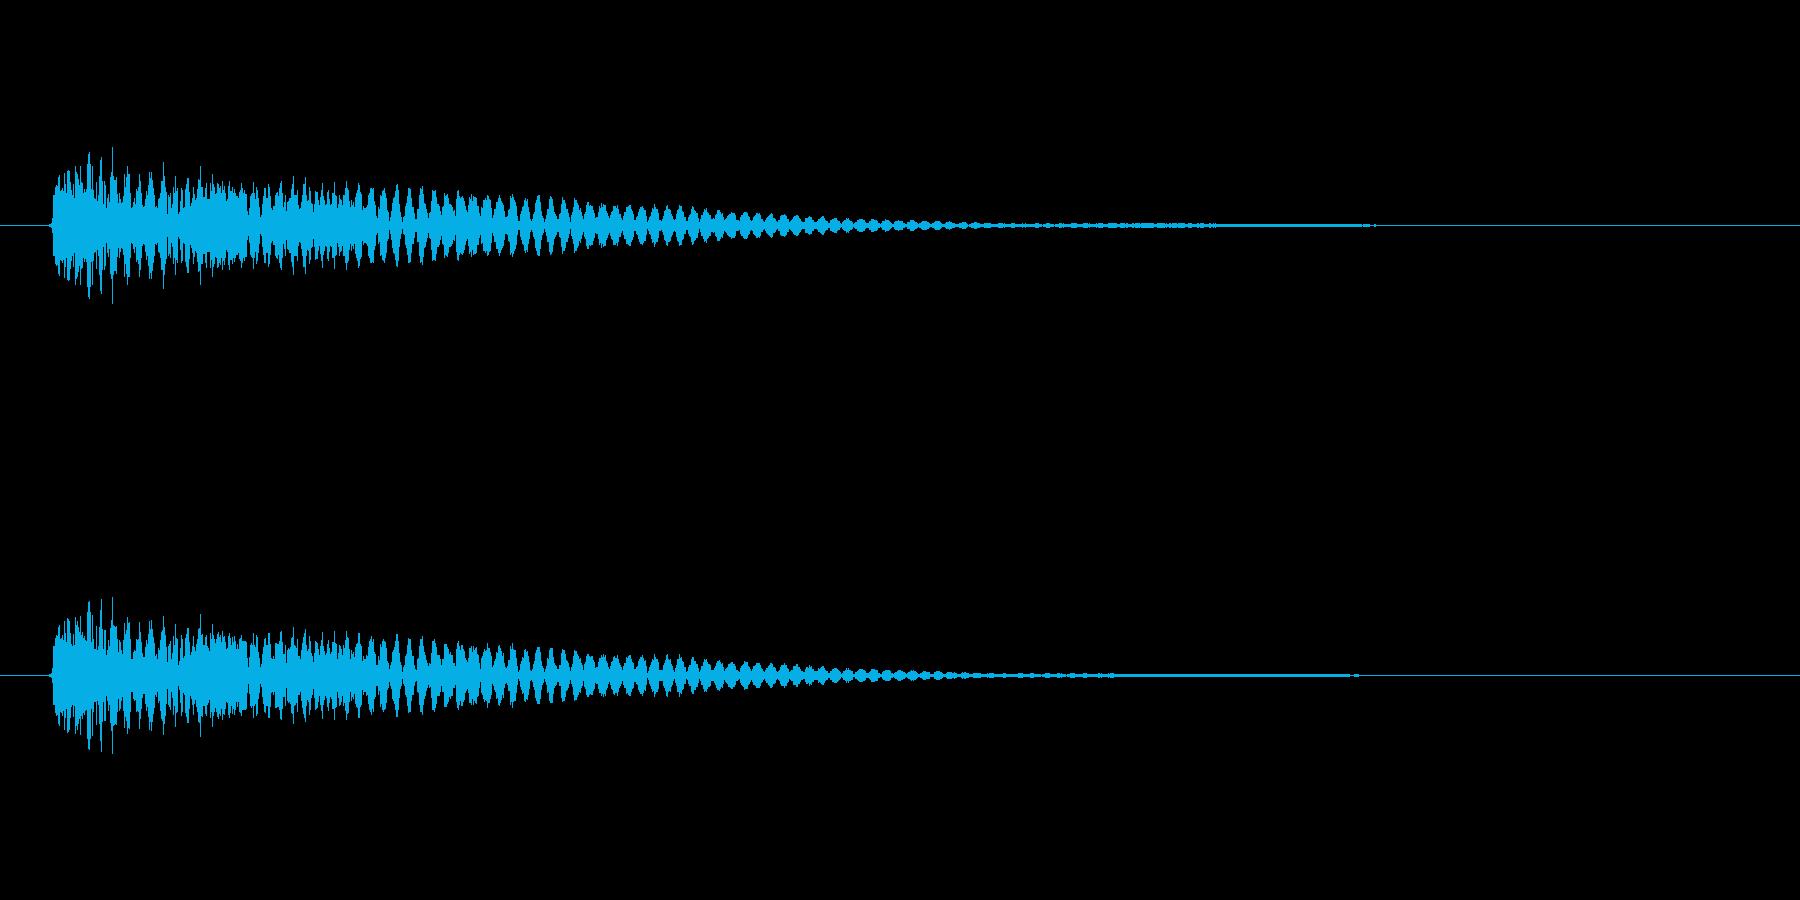 【ネガティブ09-1】の再生済みの波形